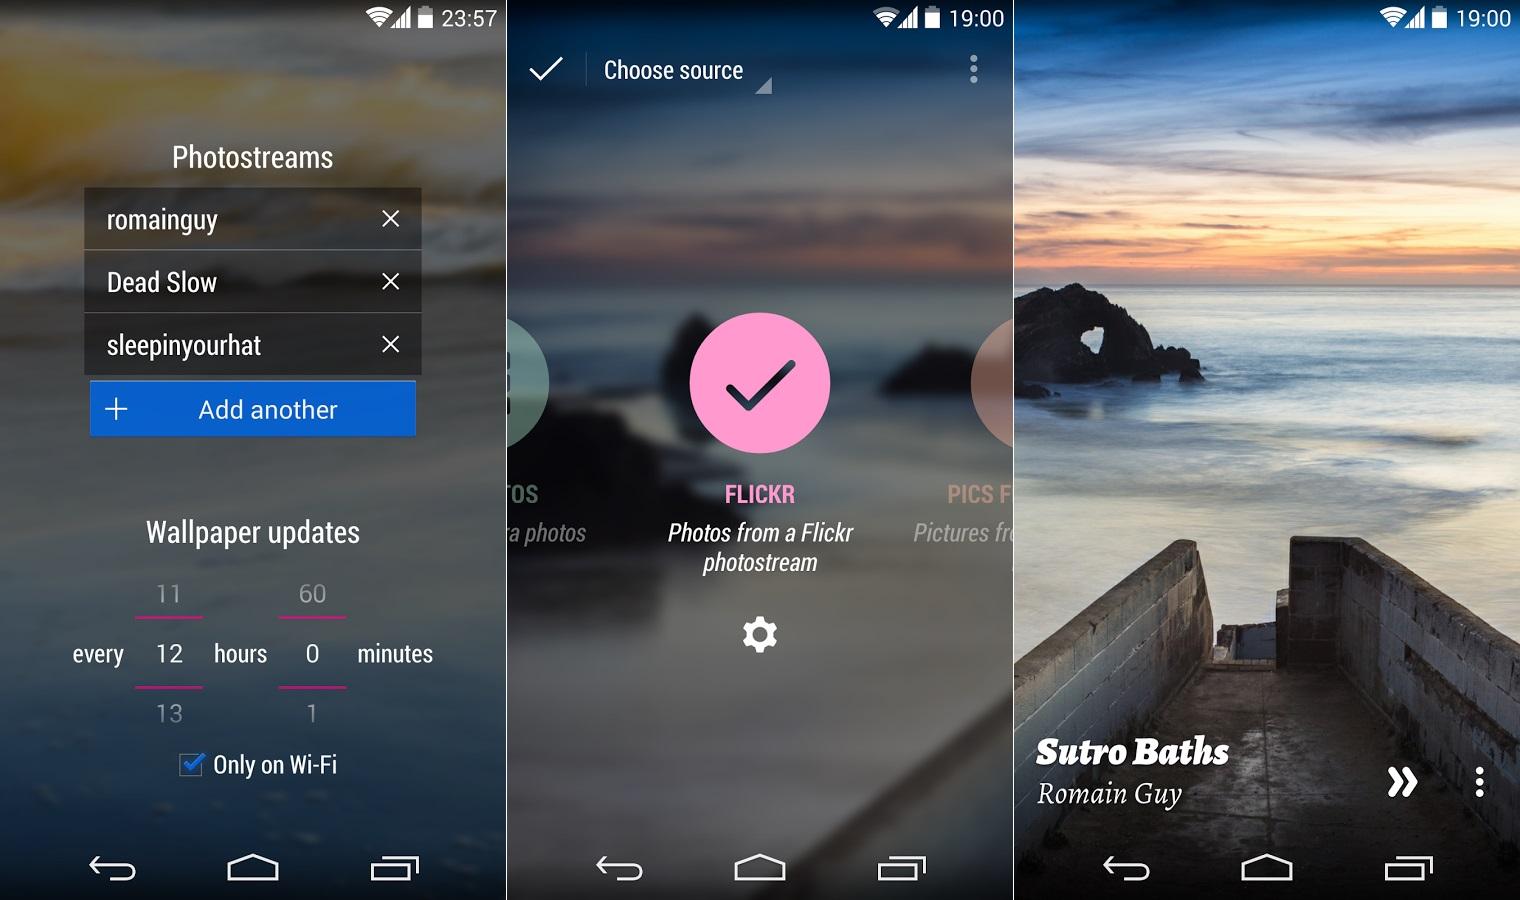 تطبيقات مميزة لنظام تشغيل أندرويد غير متاحة لنظام تشغيل I Phone